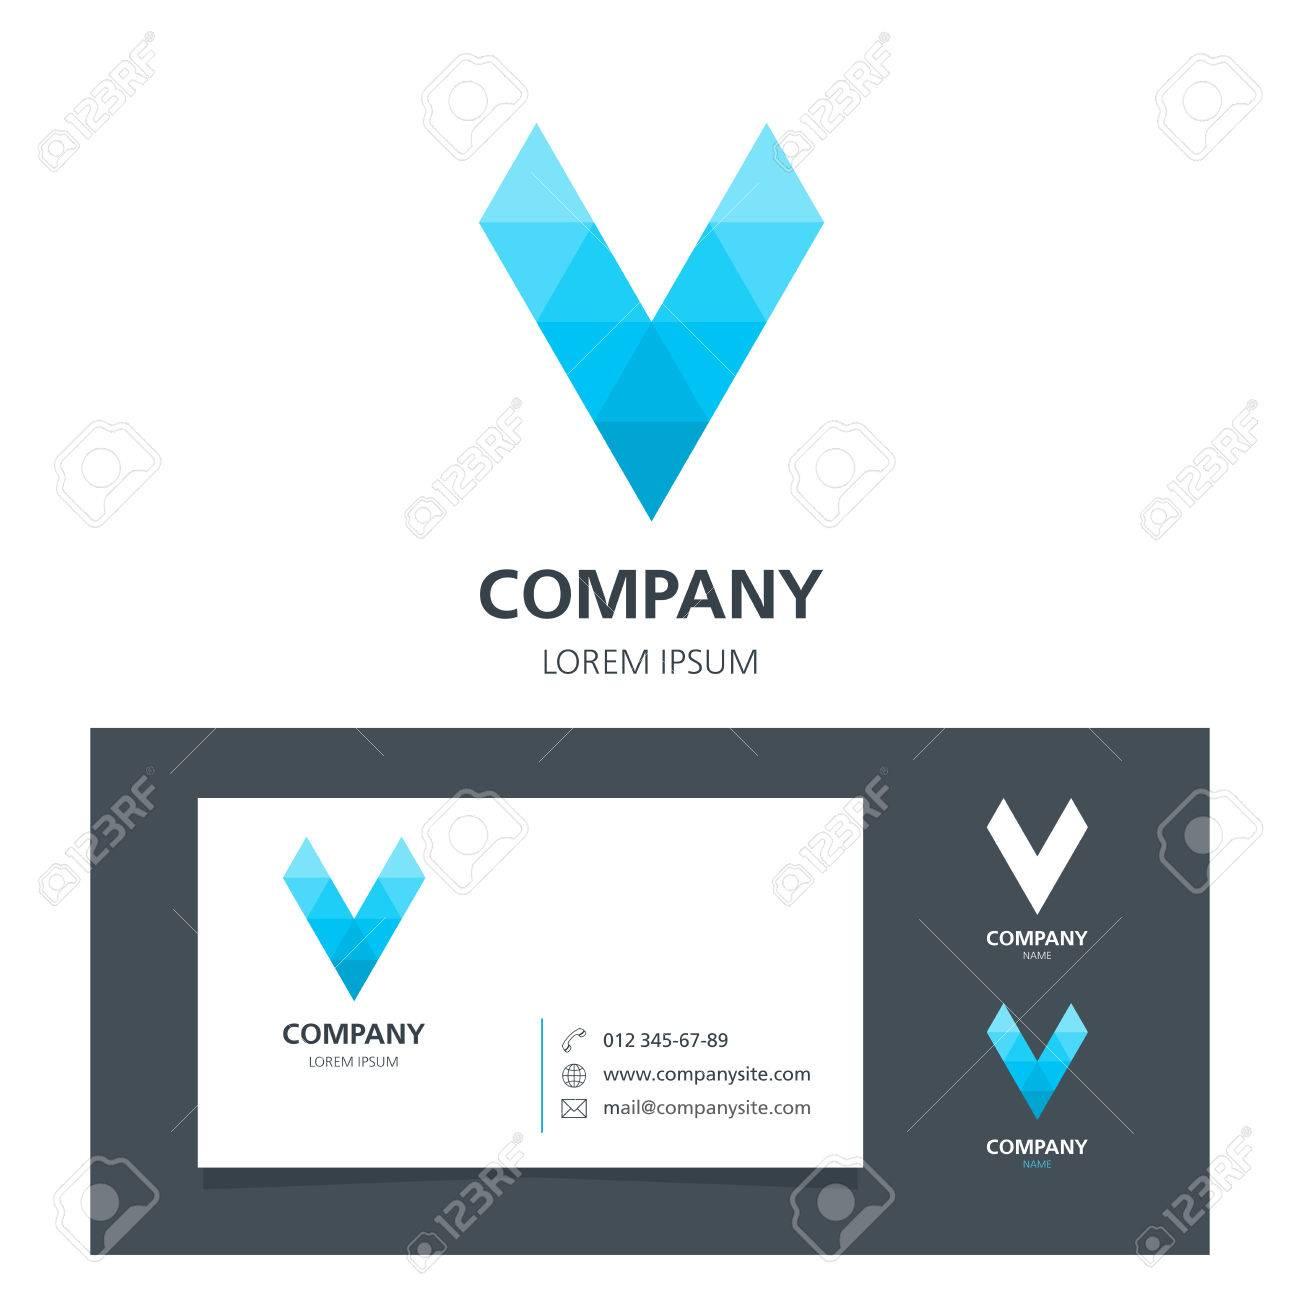 Letter v logo design element with business card royalty free imagens letter v logo design element with business card reheart Images